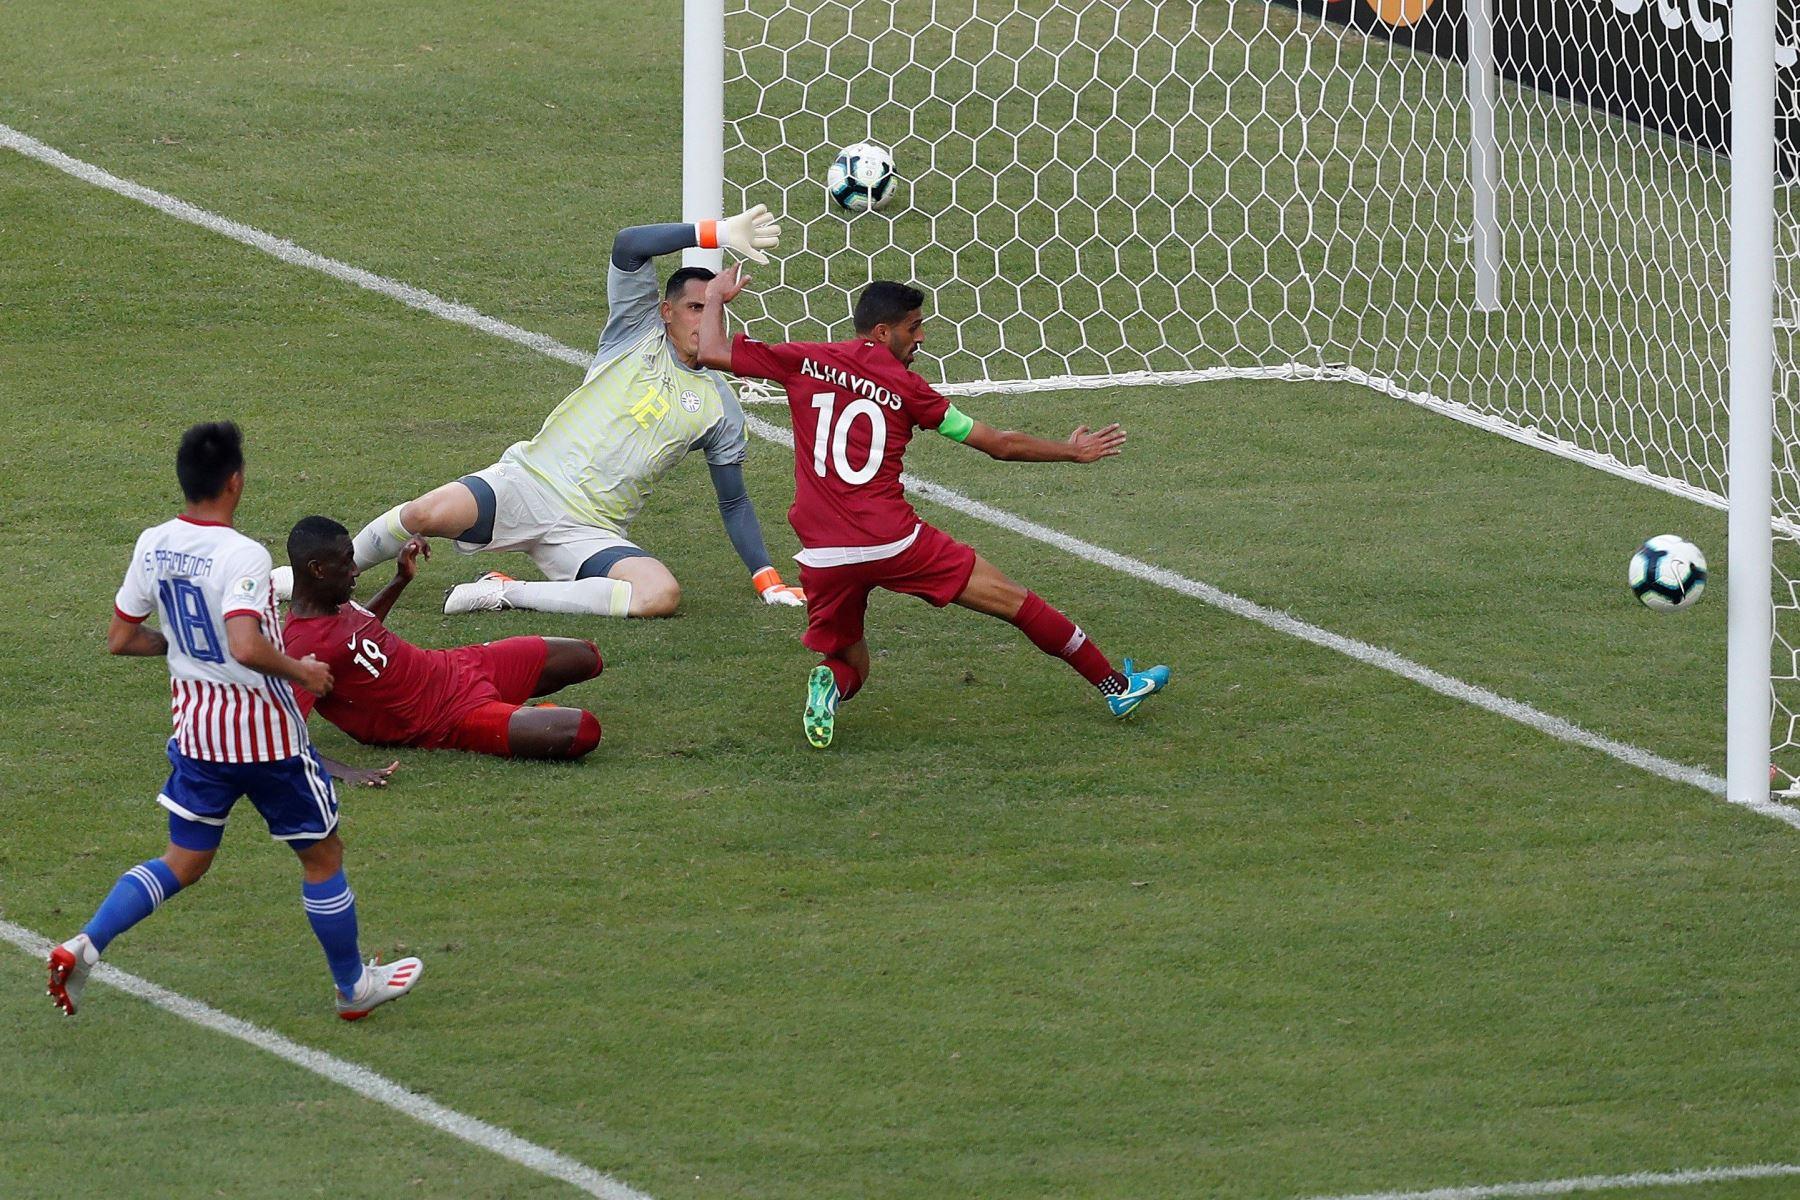 El arquero de Paraguay Anthony Silva (2-d) enfrenta aHasan Alhaydos (d) de Catar durante el partido Paraguay-Catar del Grupo B de la Copa América de Fútbol 2019, en el Estadio Maracanã de Río de Janeiro. Foto: EFE